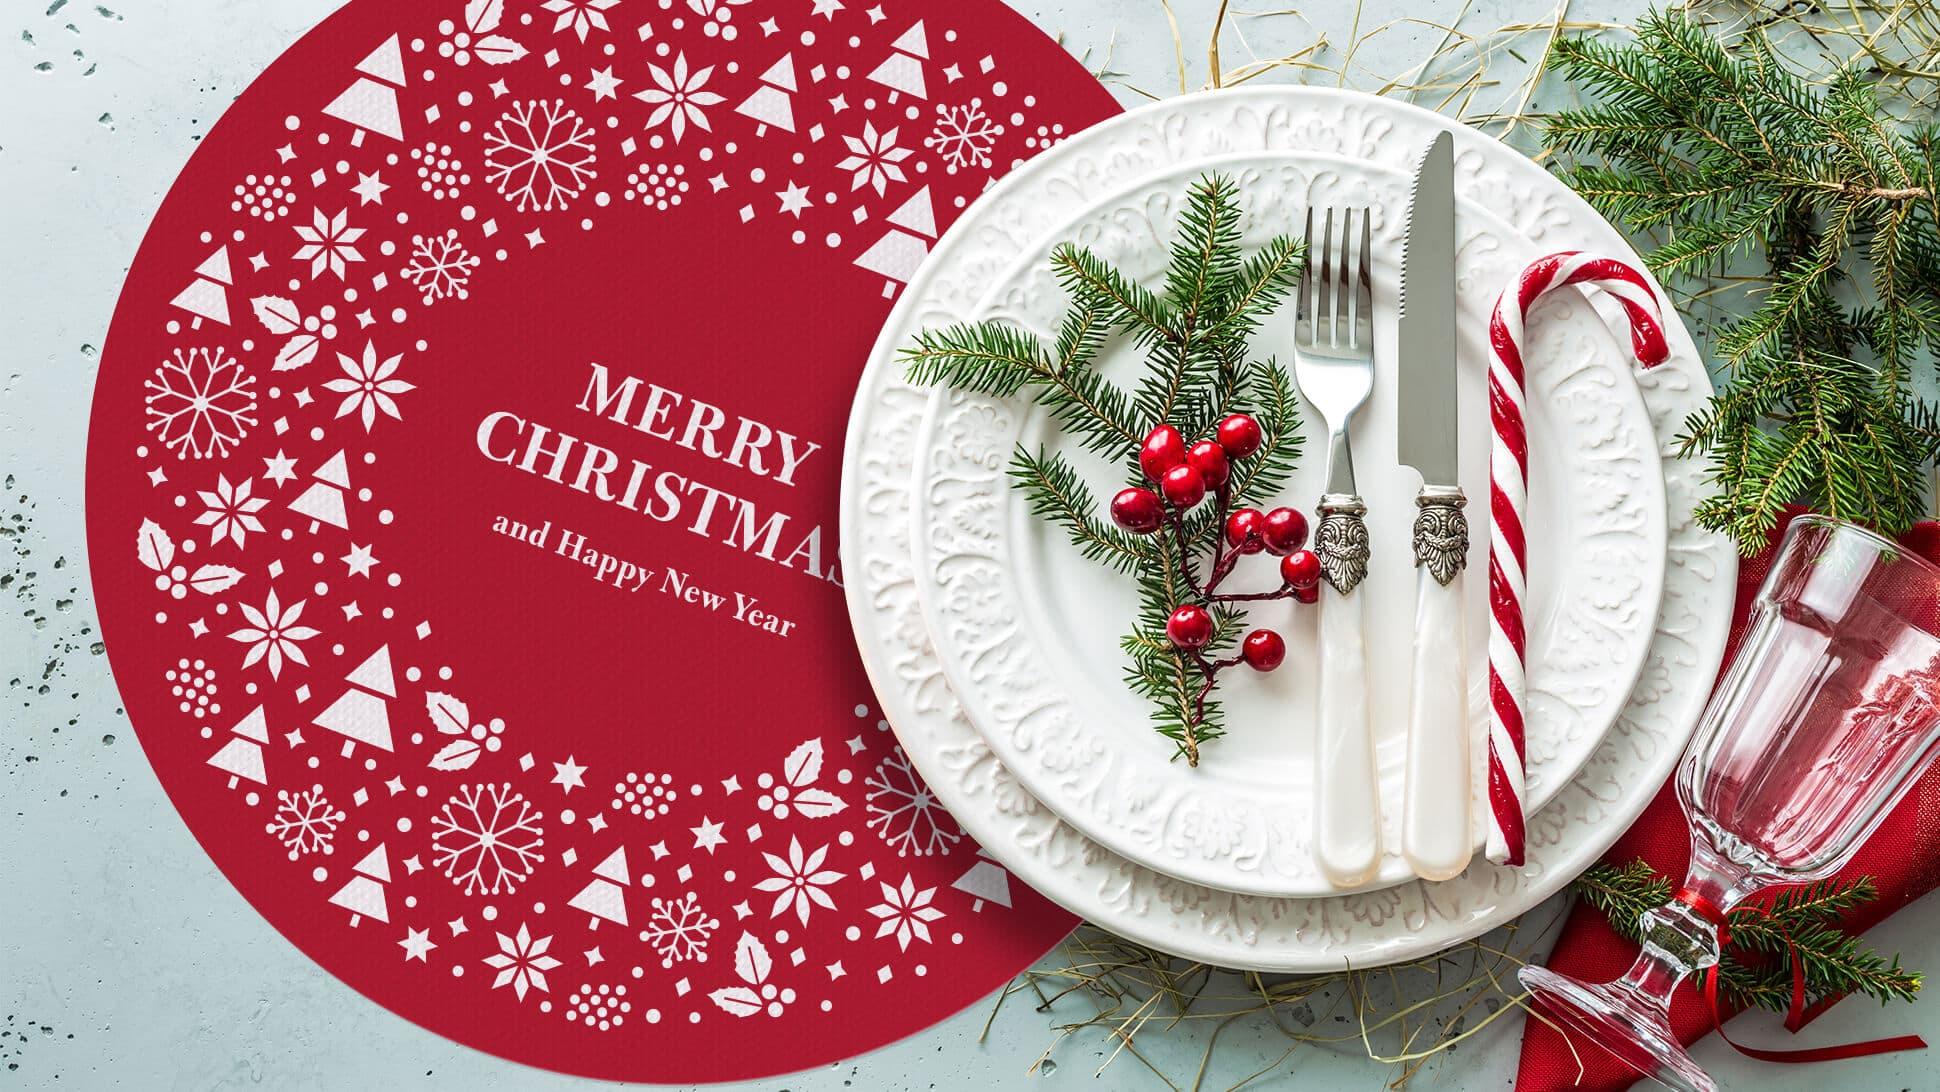 Tovagliette natalizia in pvc riutilizzabile| tictac.it